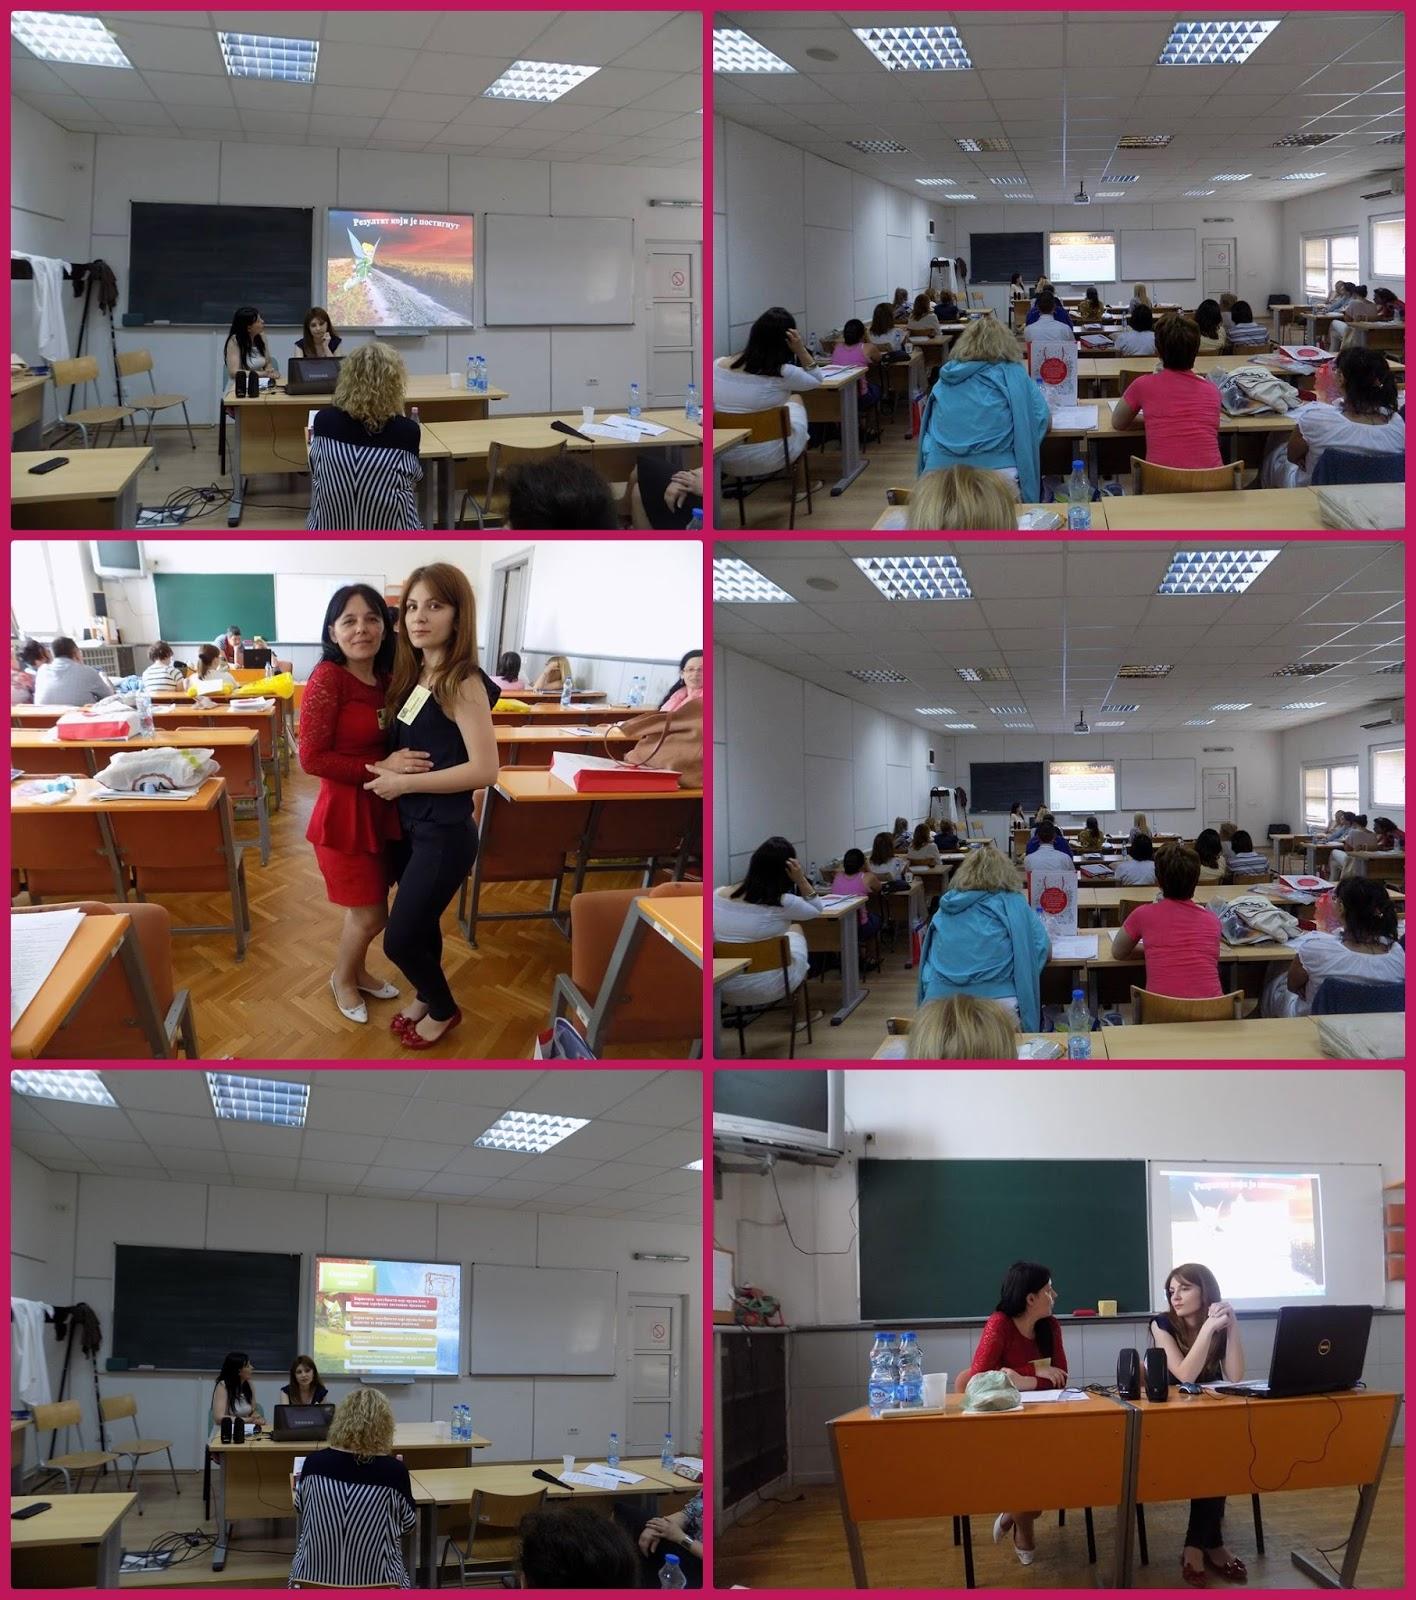 """Блог """"Креативност на дар"""" презентован је као пример добре праксе на Сабору учитеља јуна 2016."""